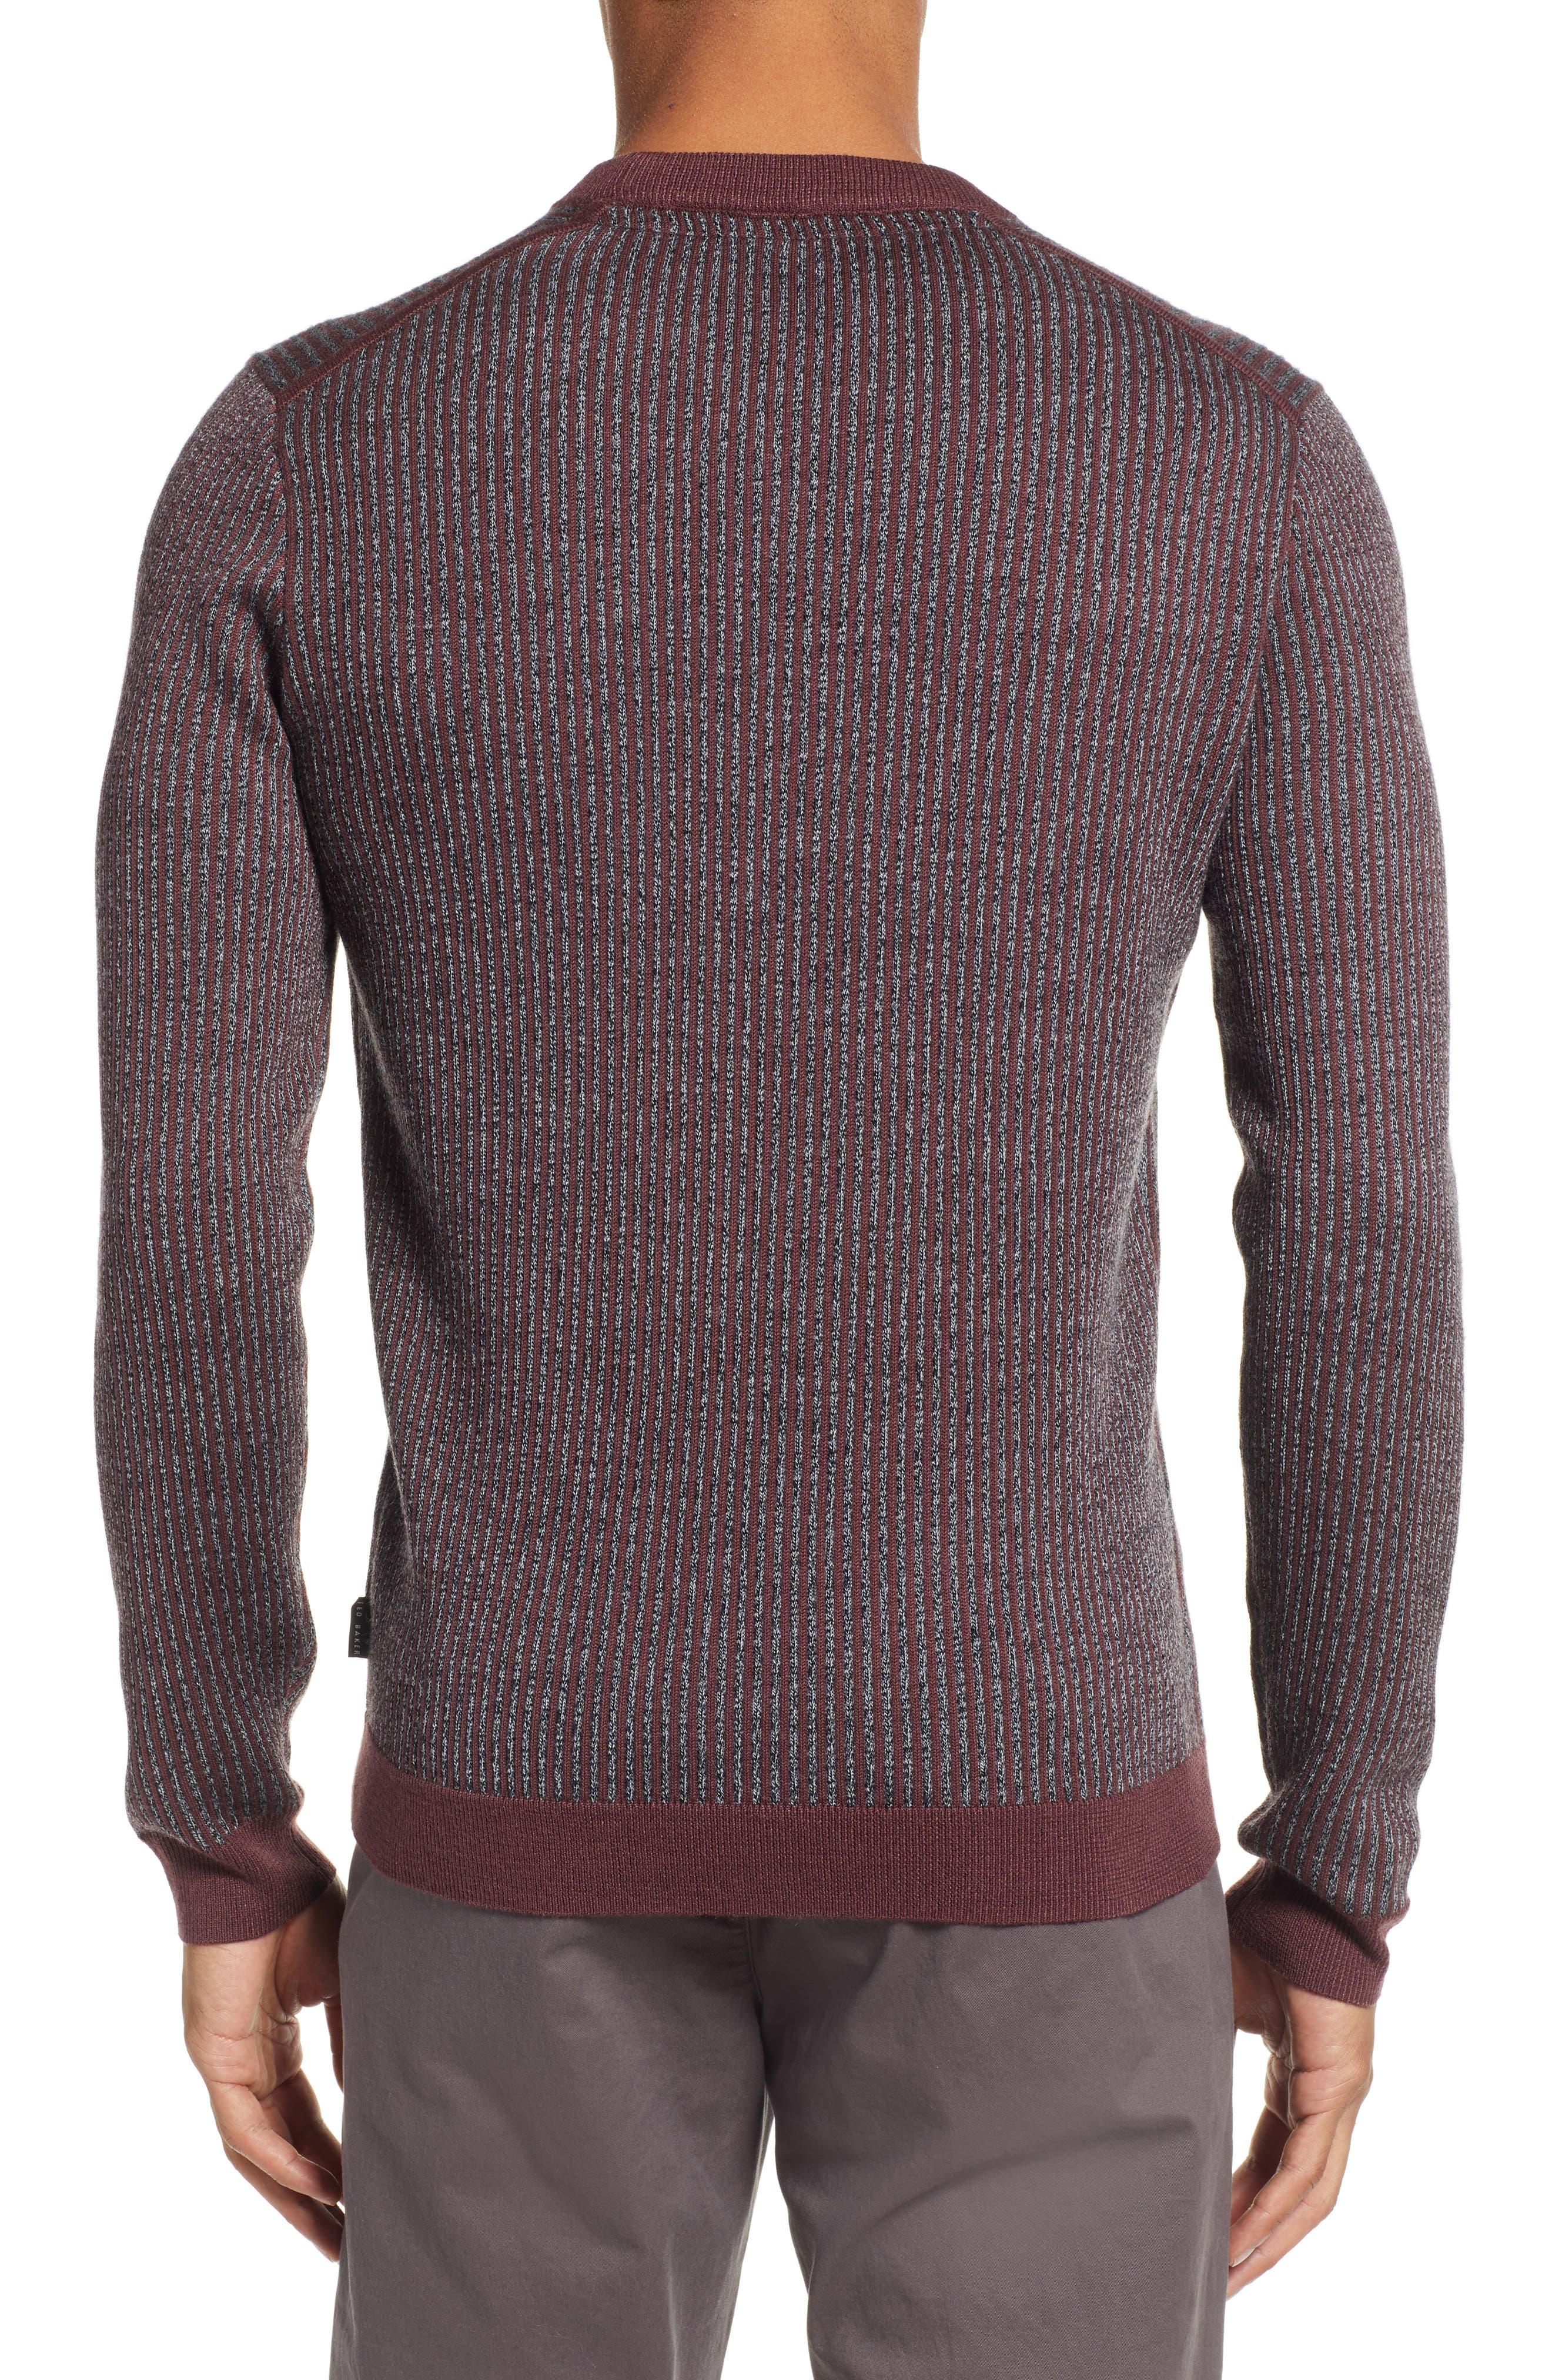 Jinxitt Crewneck Sweater,                             Alternate thumbnail 2, color,                             DEEP-PINK